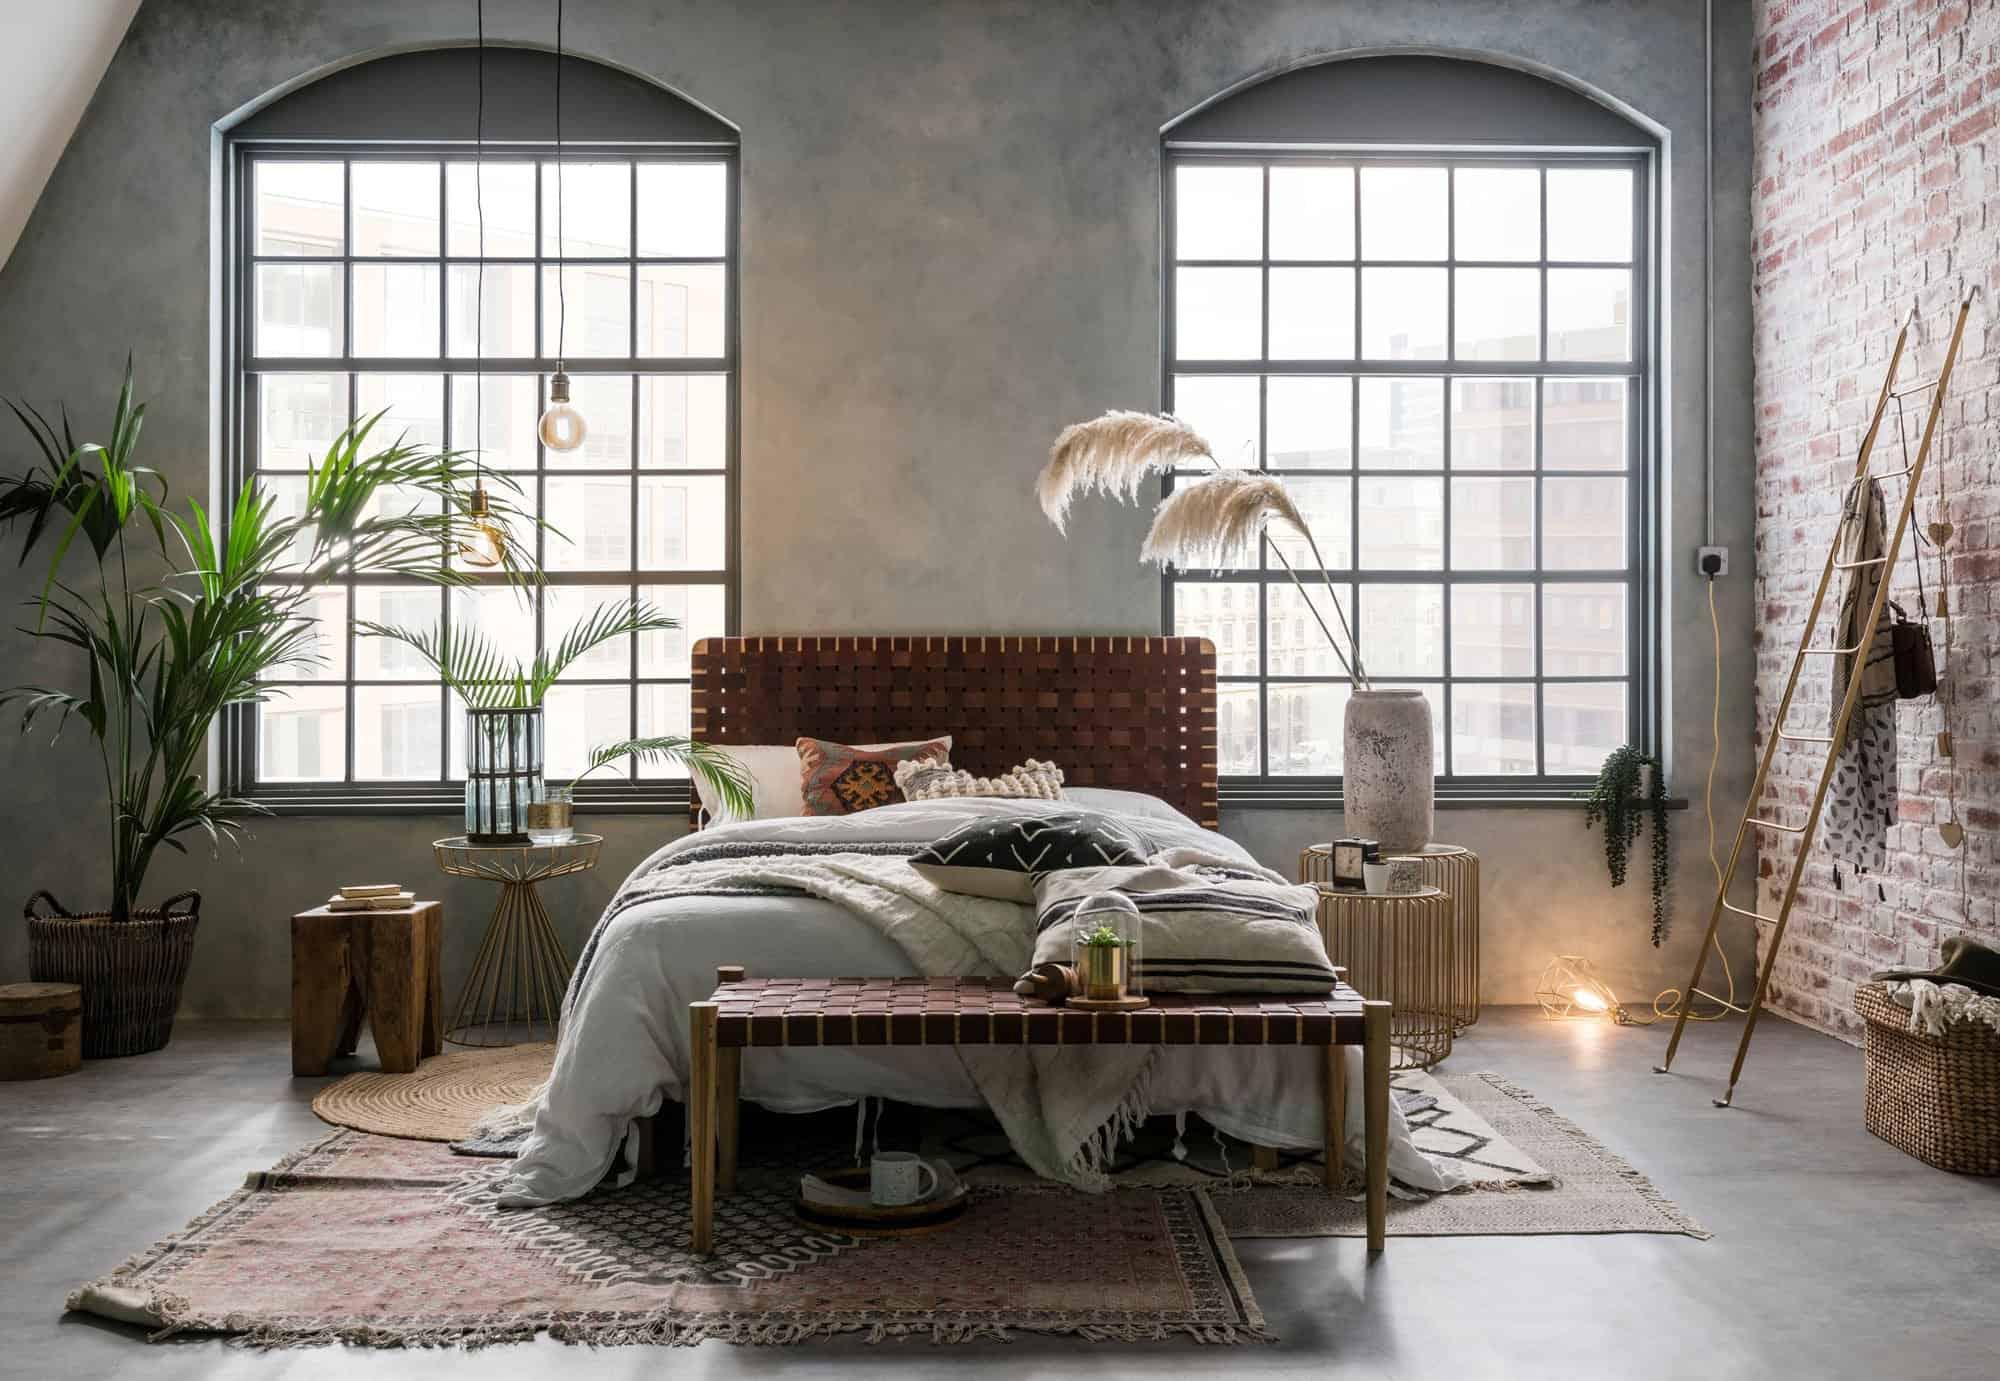 industrial in bedroom